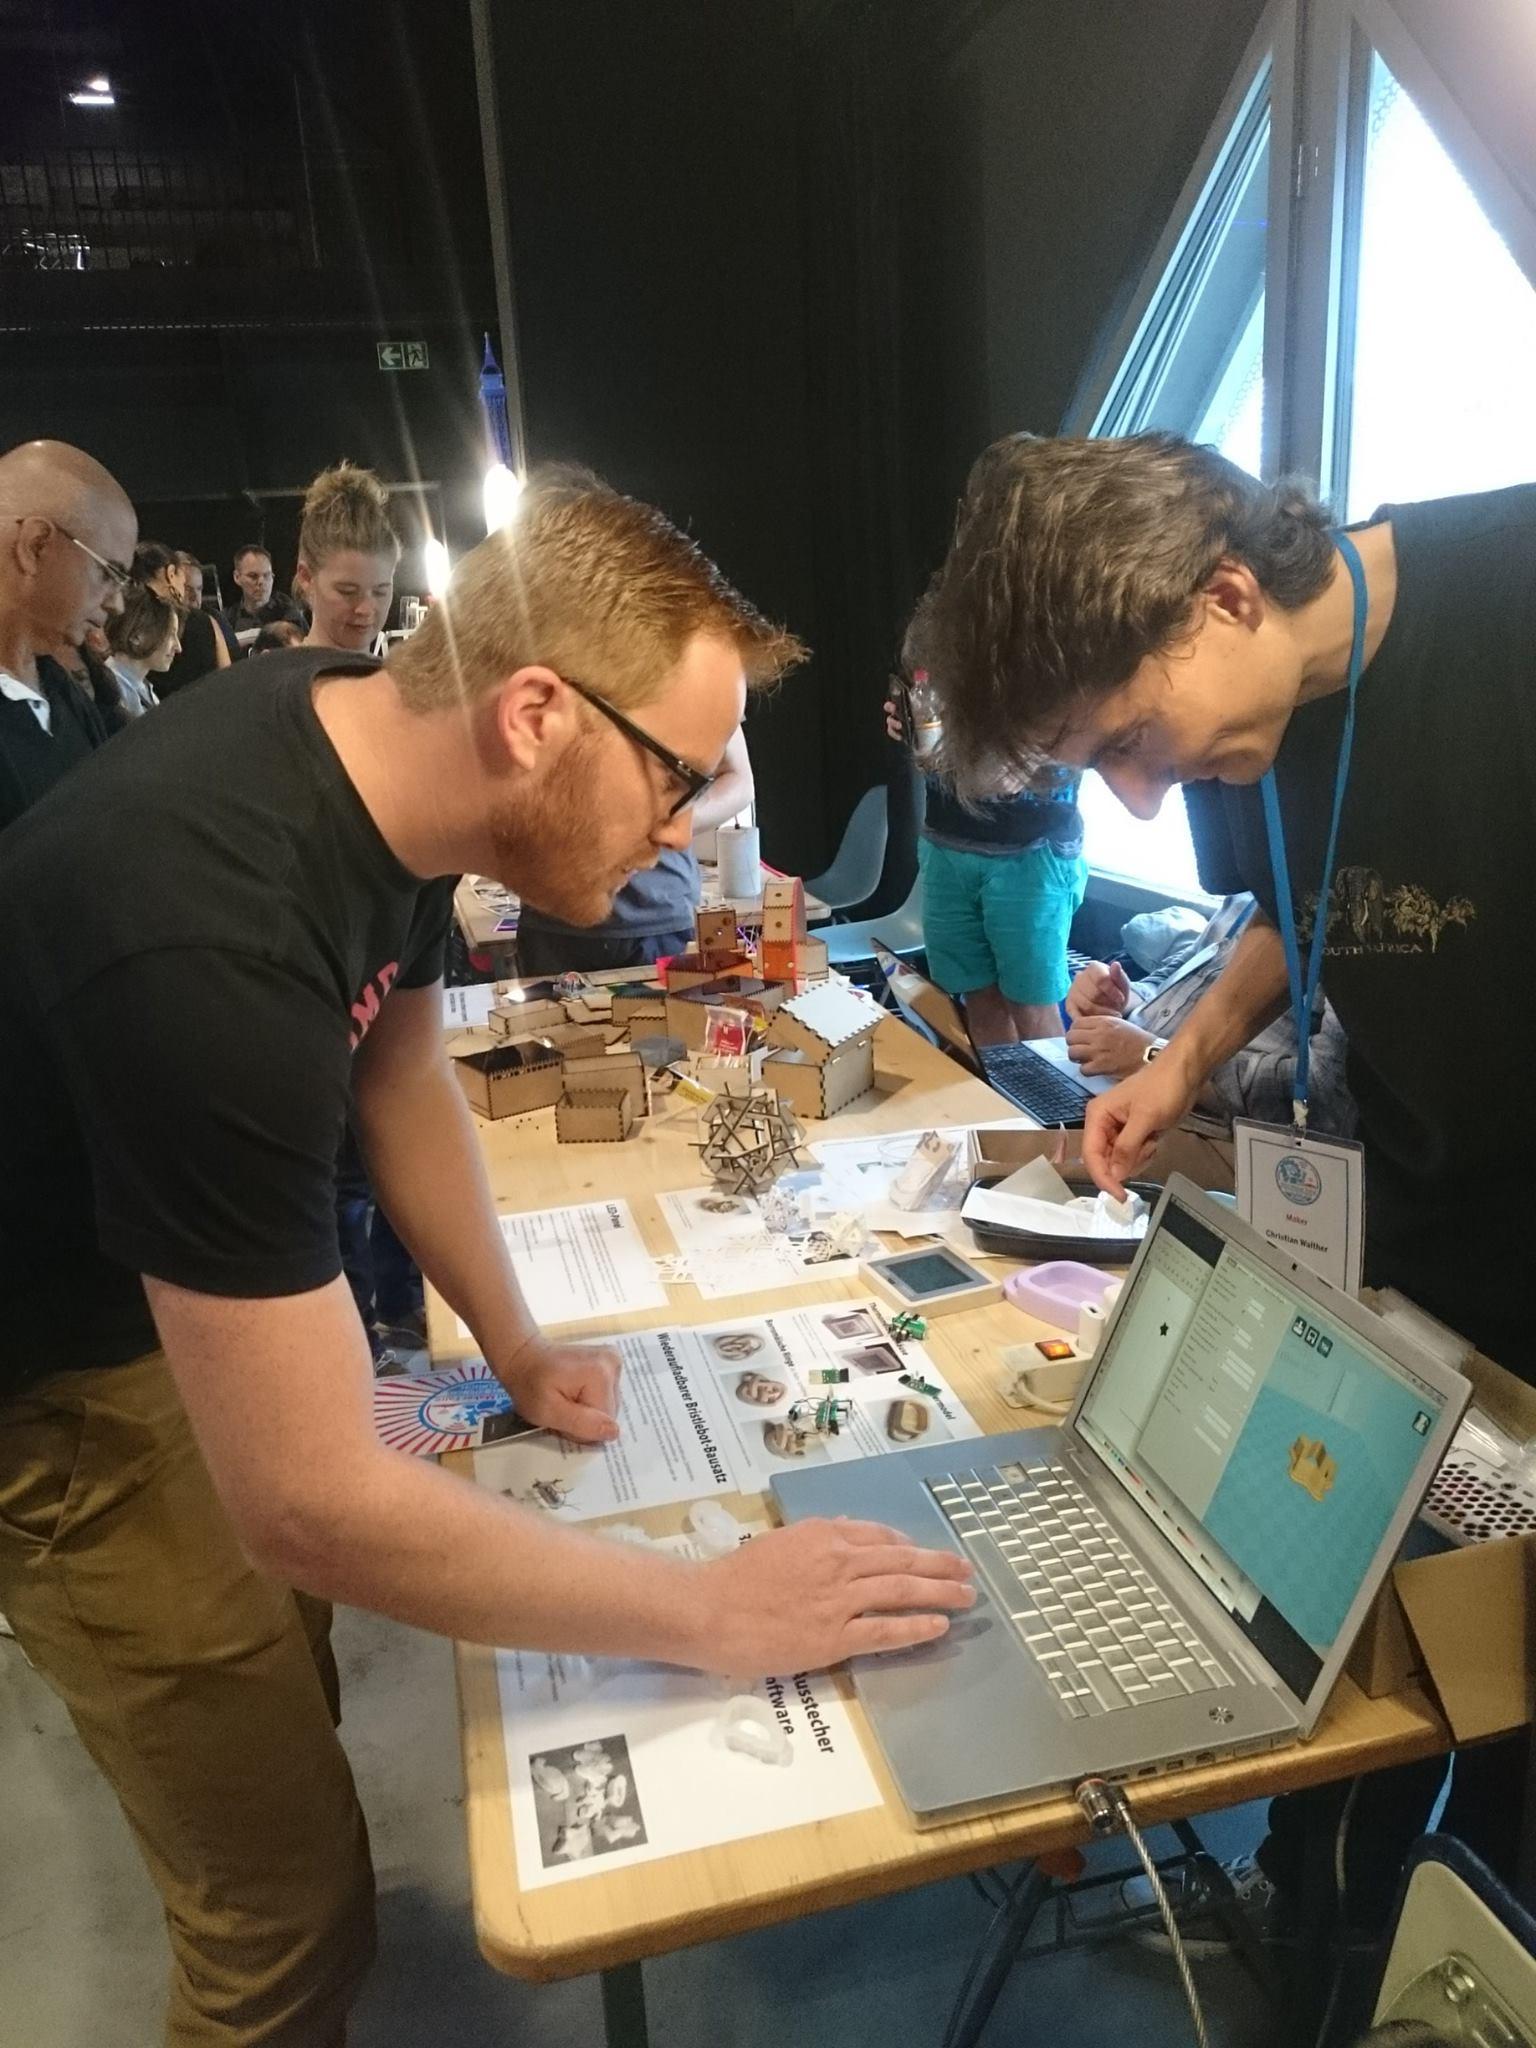 Besuch der MakerFaire in Zürich